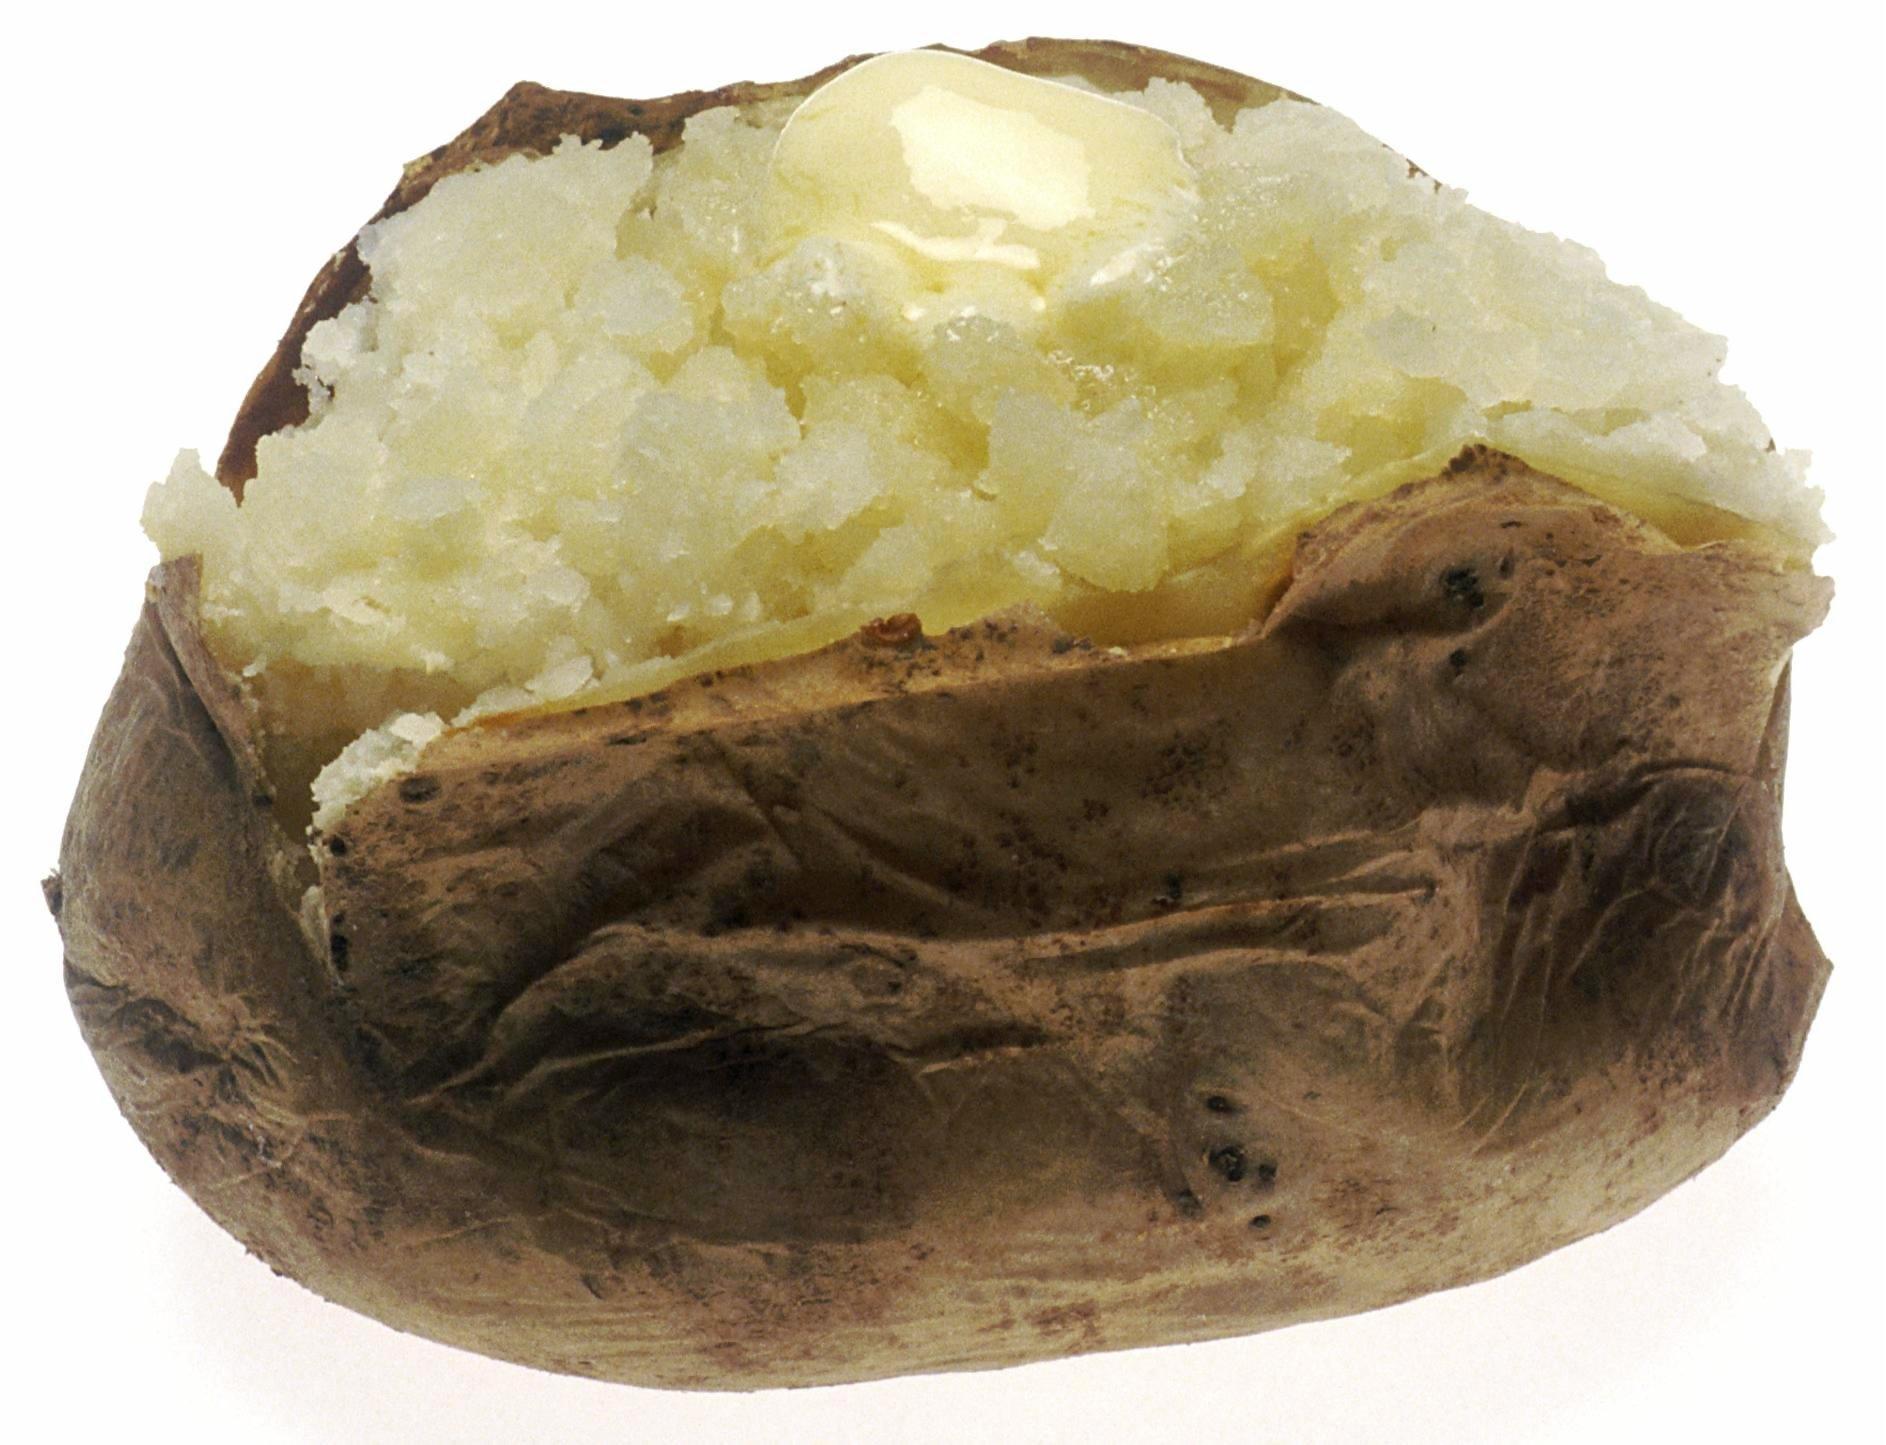 Potato wallpapers HD quality